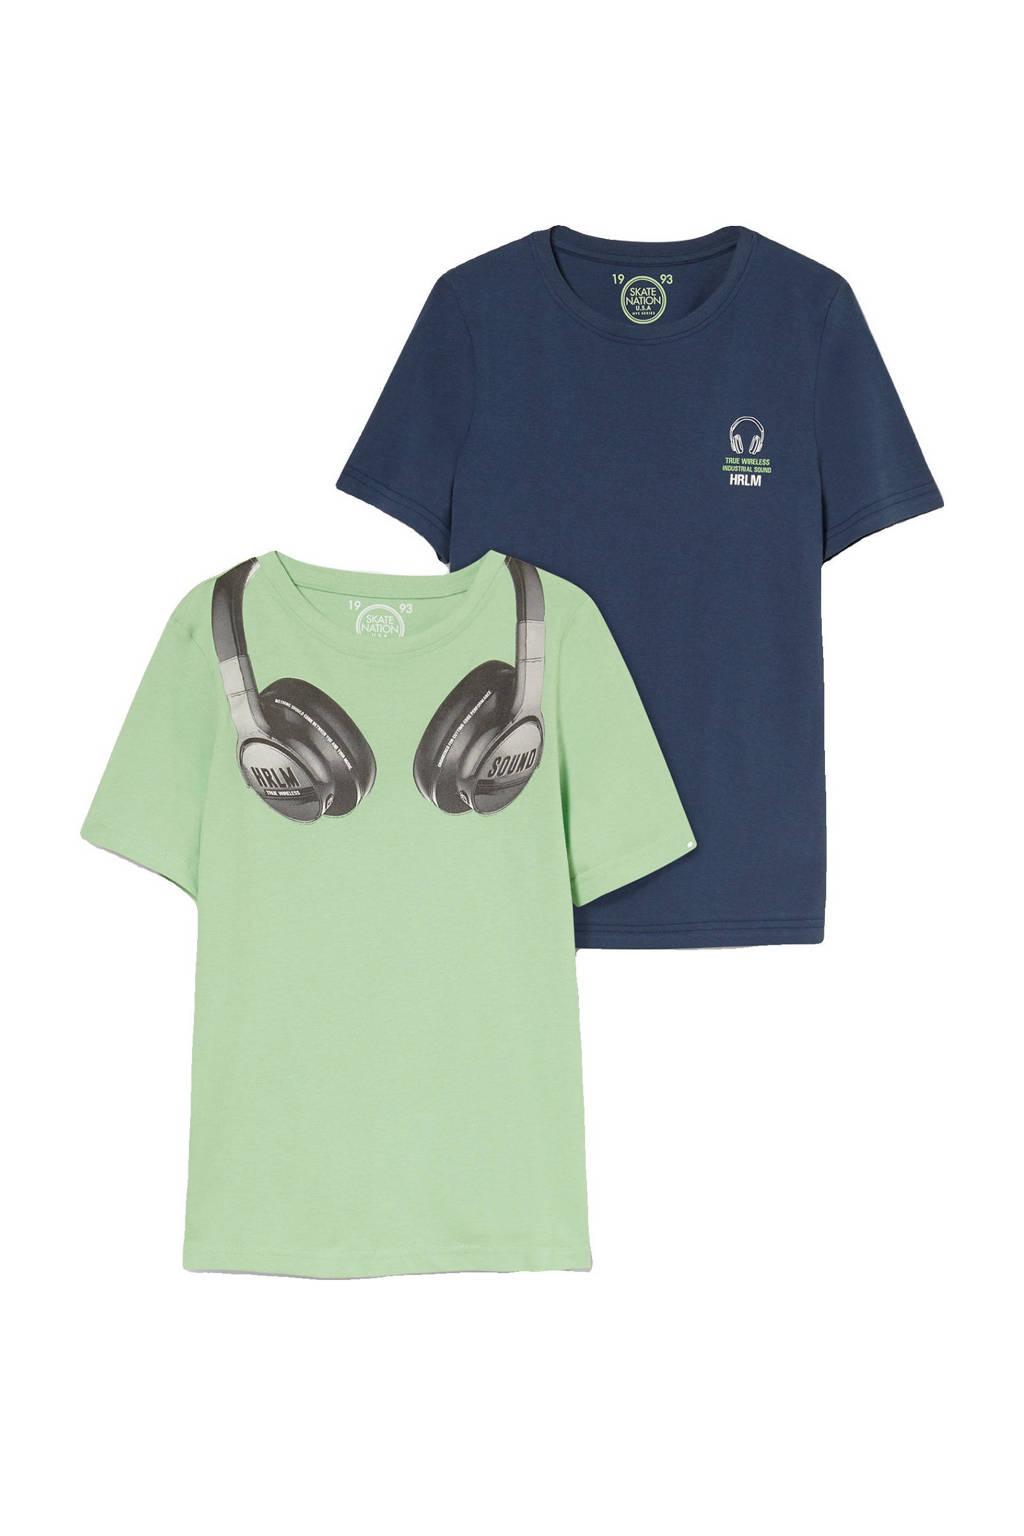 C&A Skate Nation T-shirt - set van 2 groen/blauw, Groen/blauw